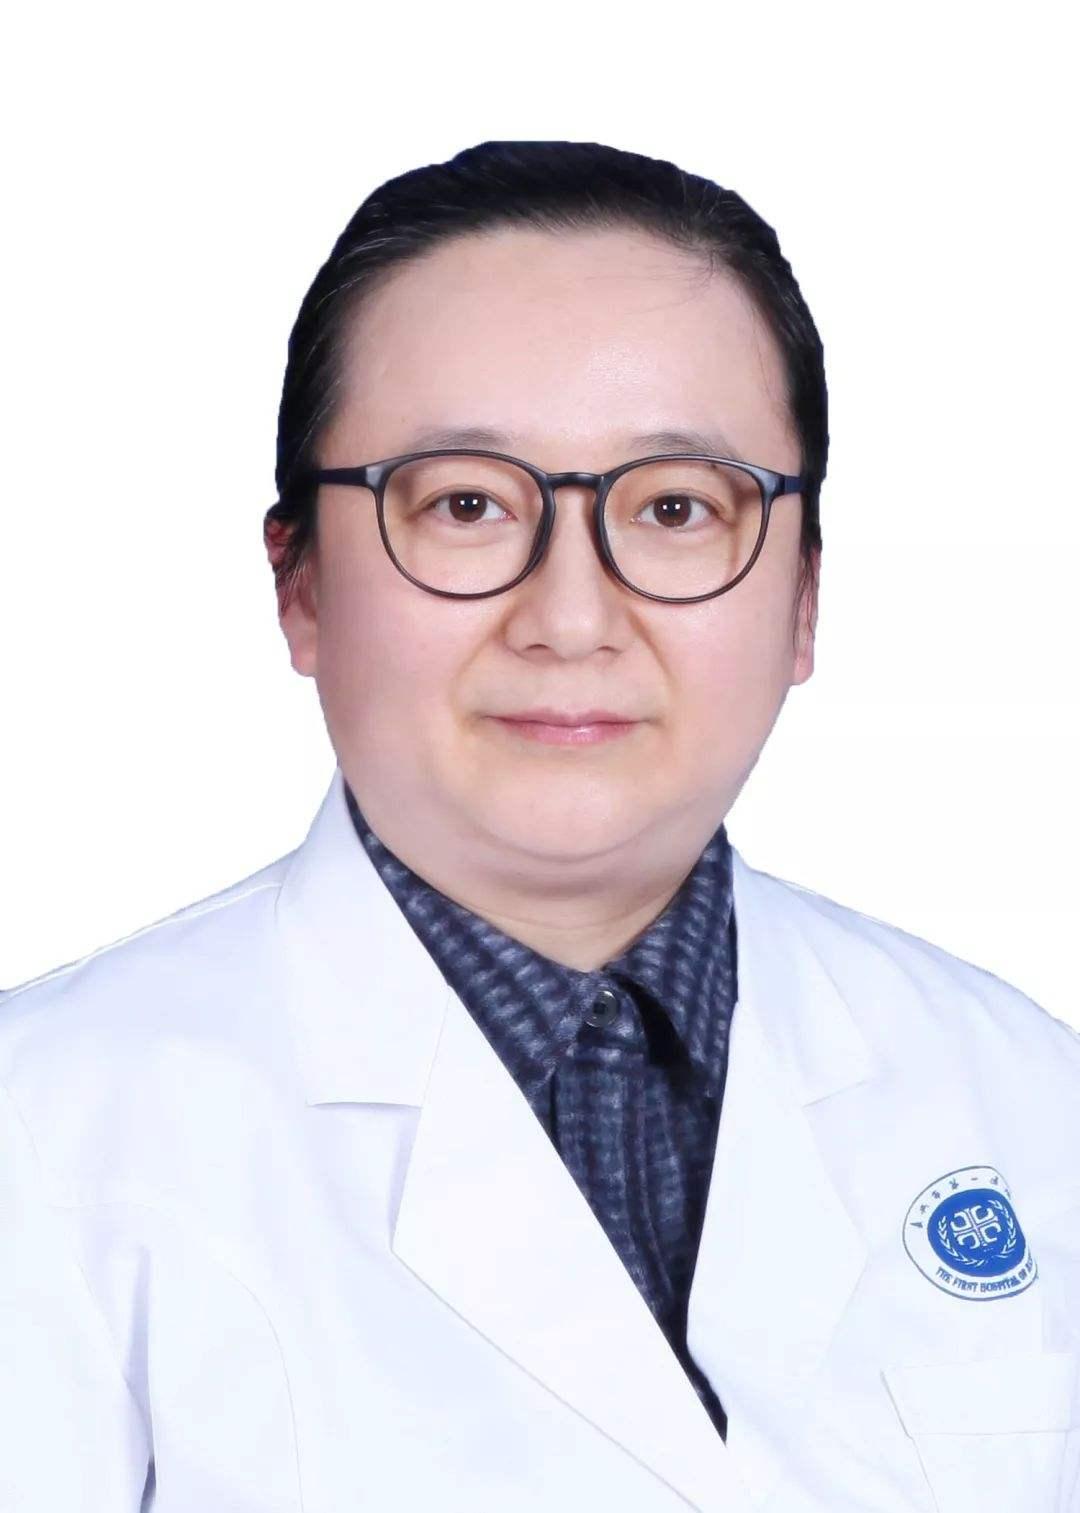 大爱无疆——陈怿医生纪念馆